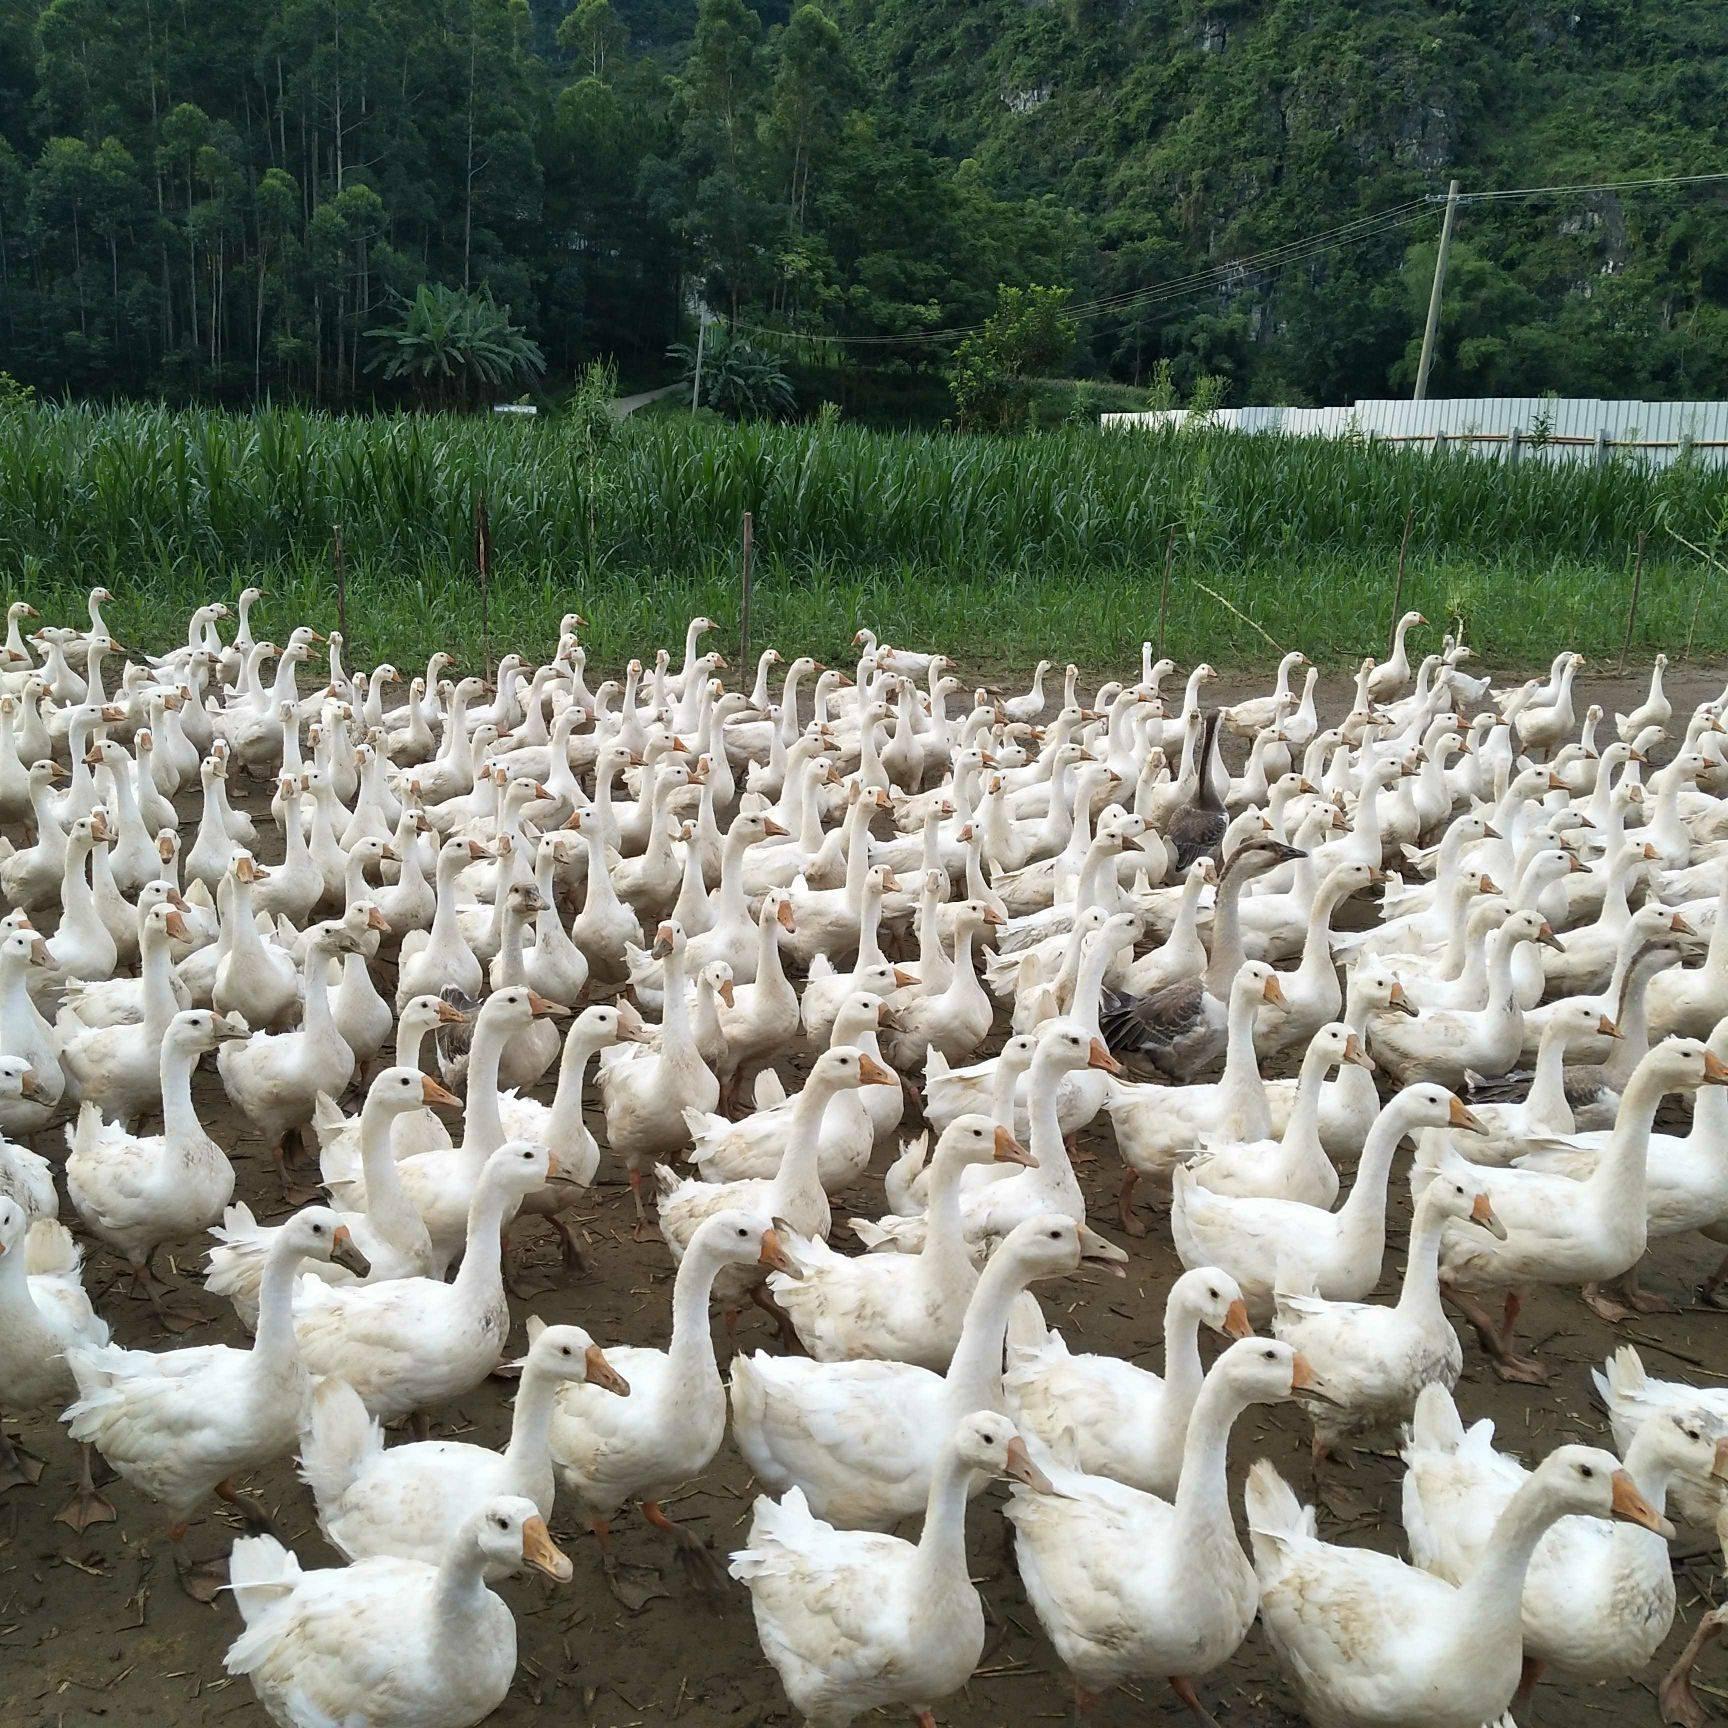 [肉鹅批发] 青饲料鹅,喂草长大的鹅,肉质杠杠的,150天的鹅,89斤价格13元/斤